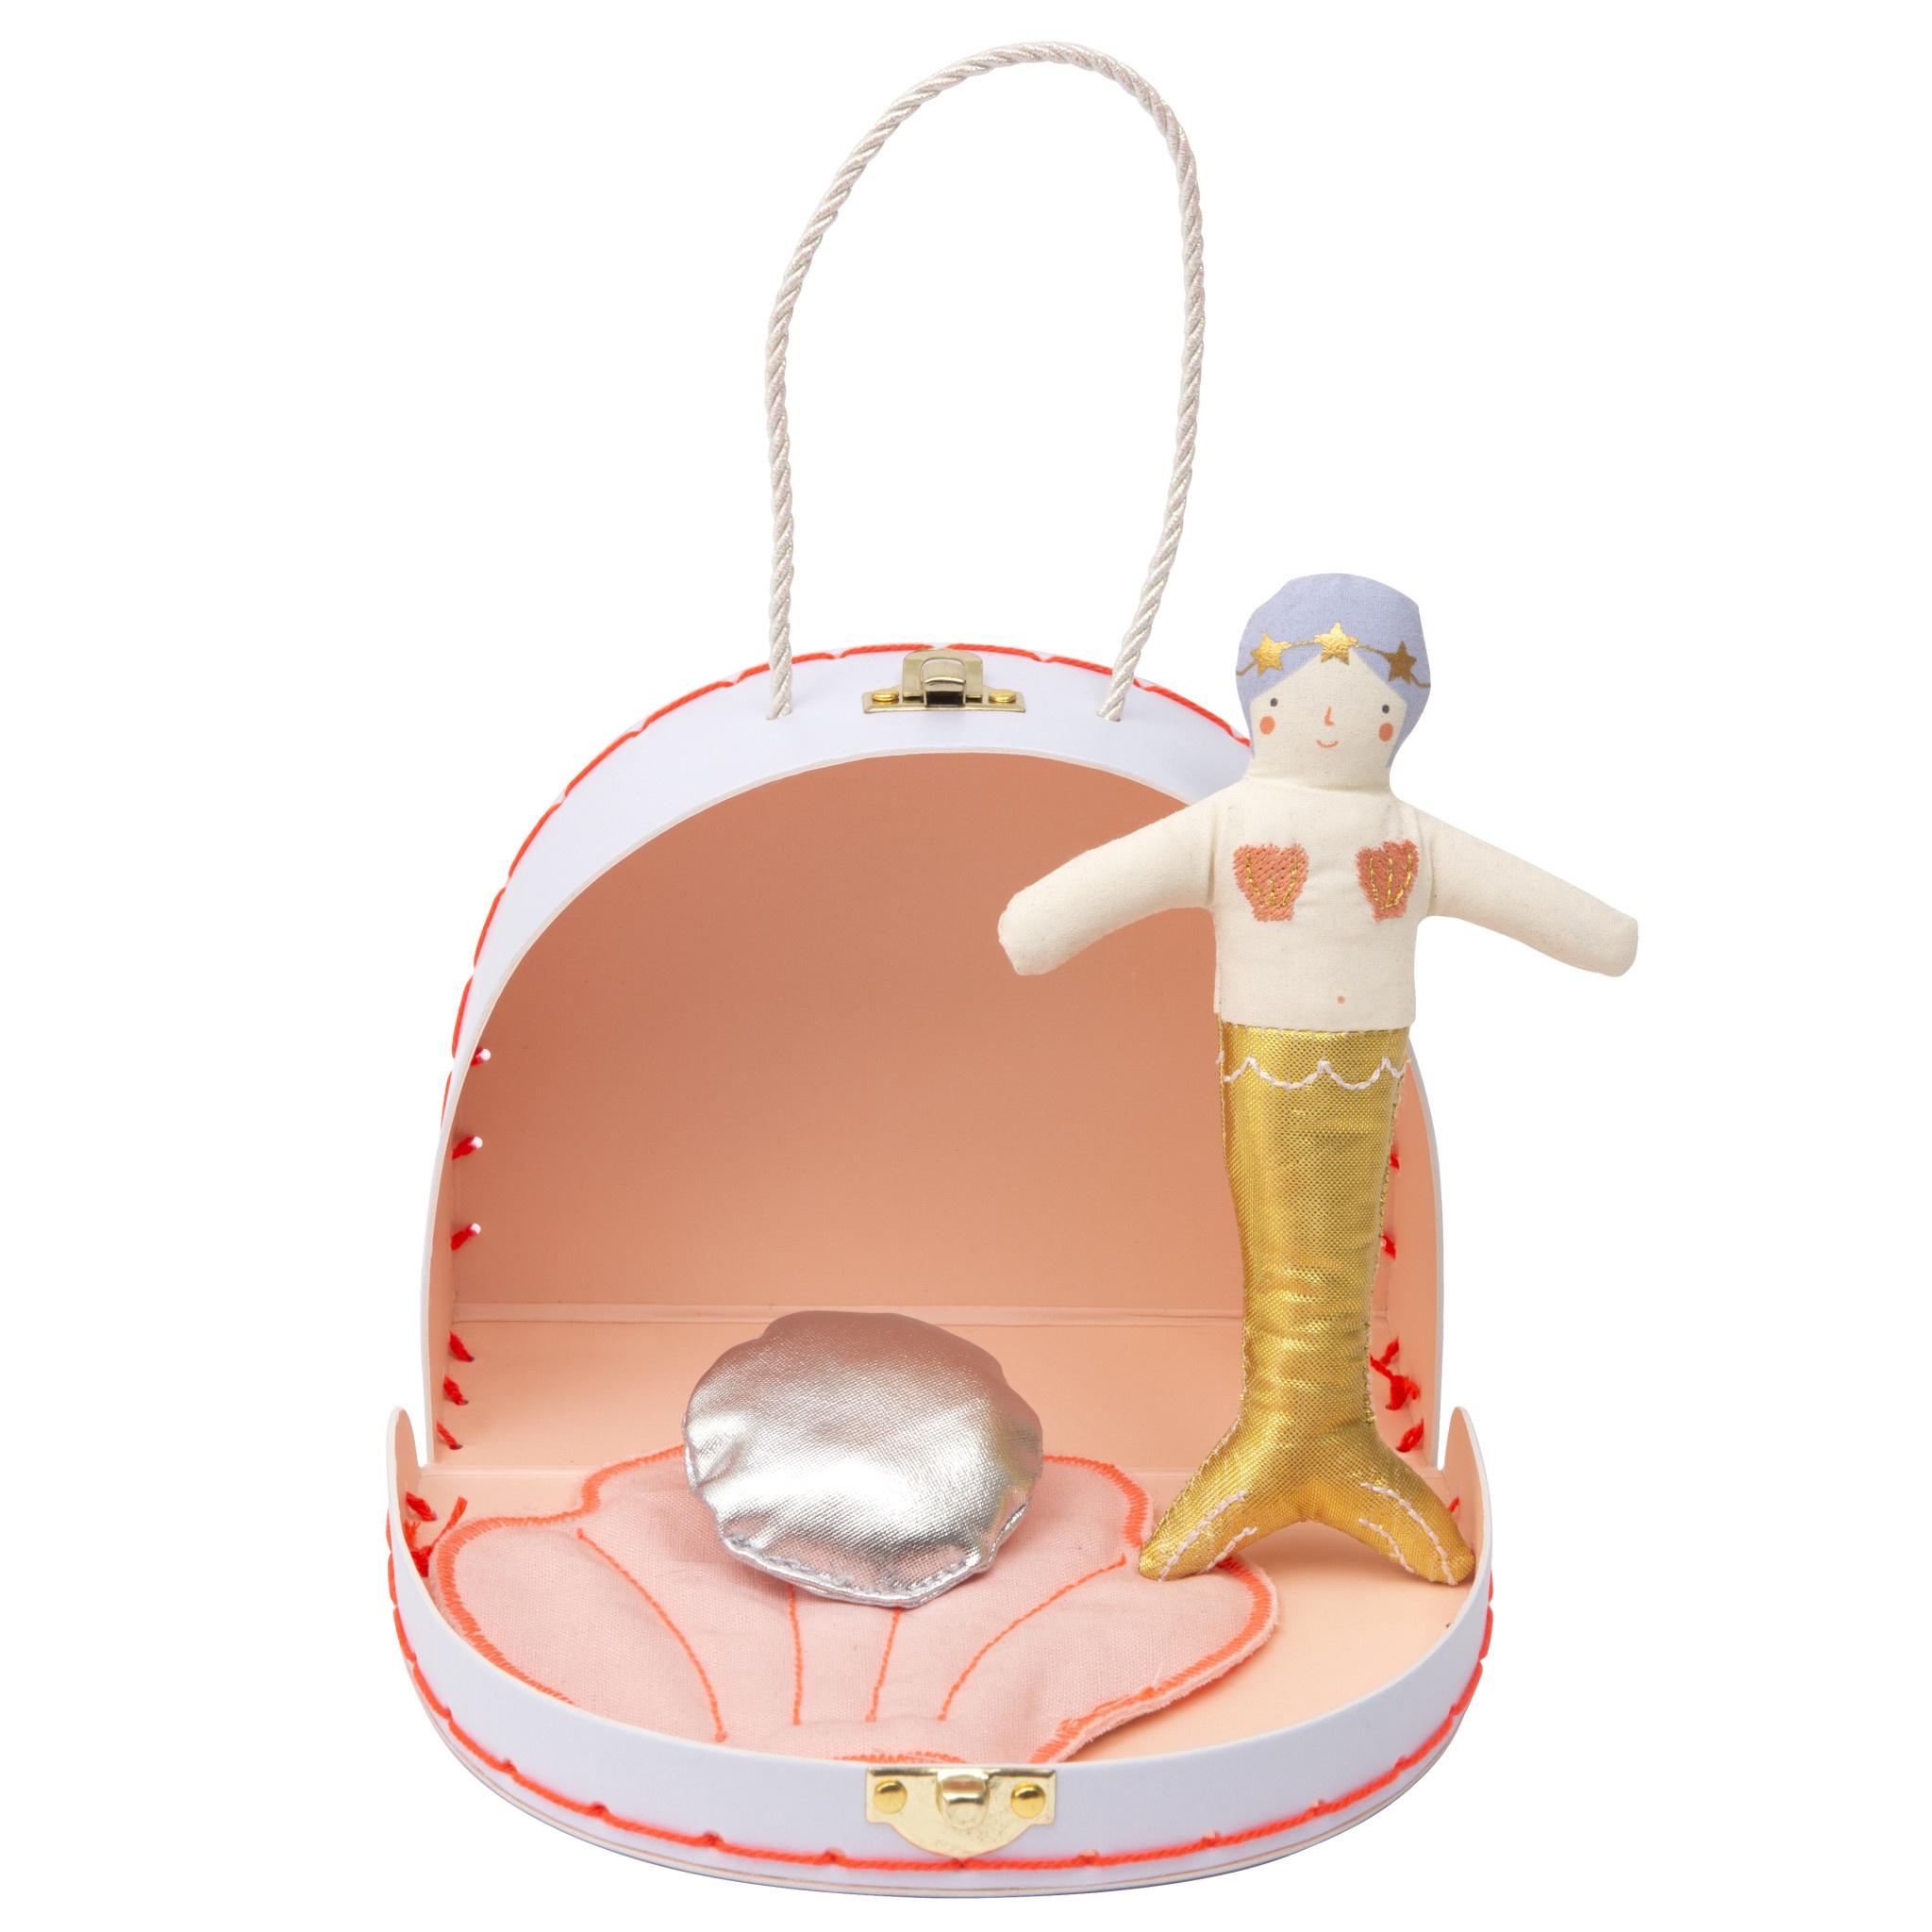 MERIMERI Mini mermaid suitcase